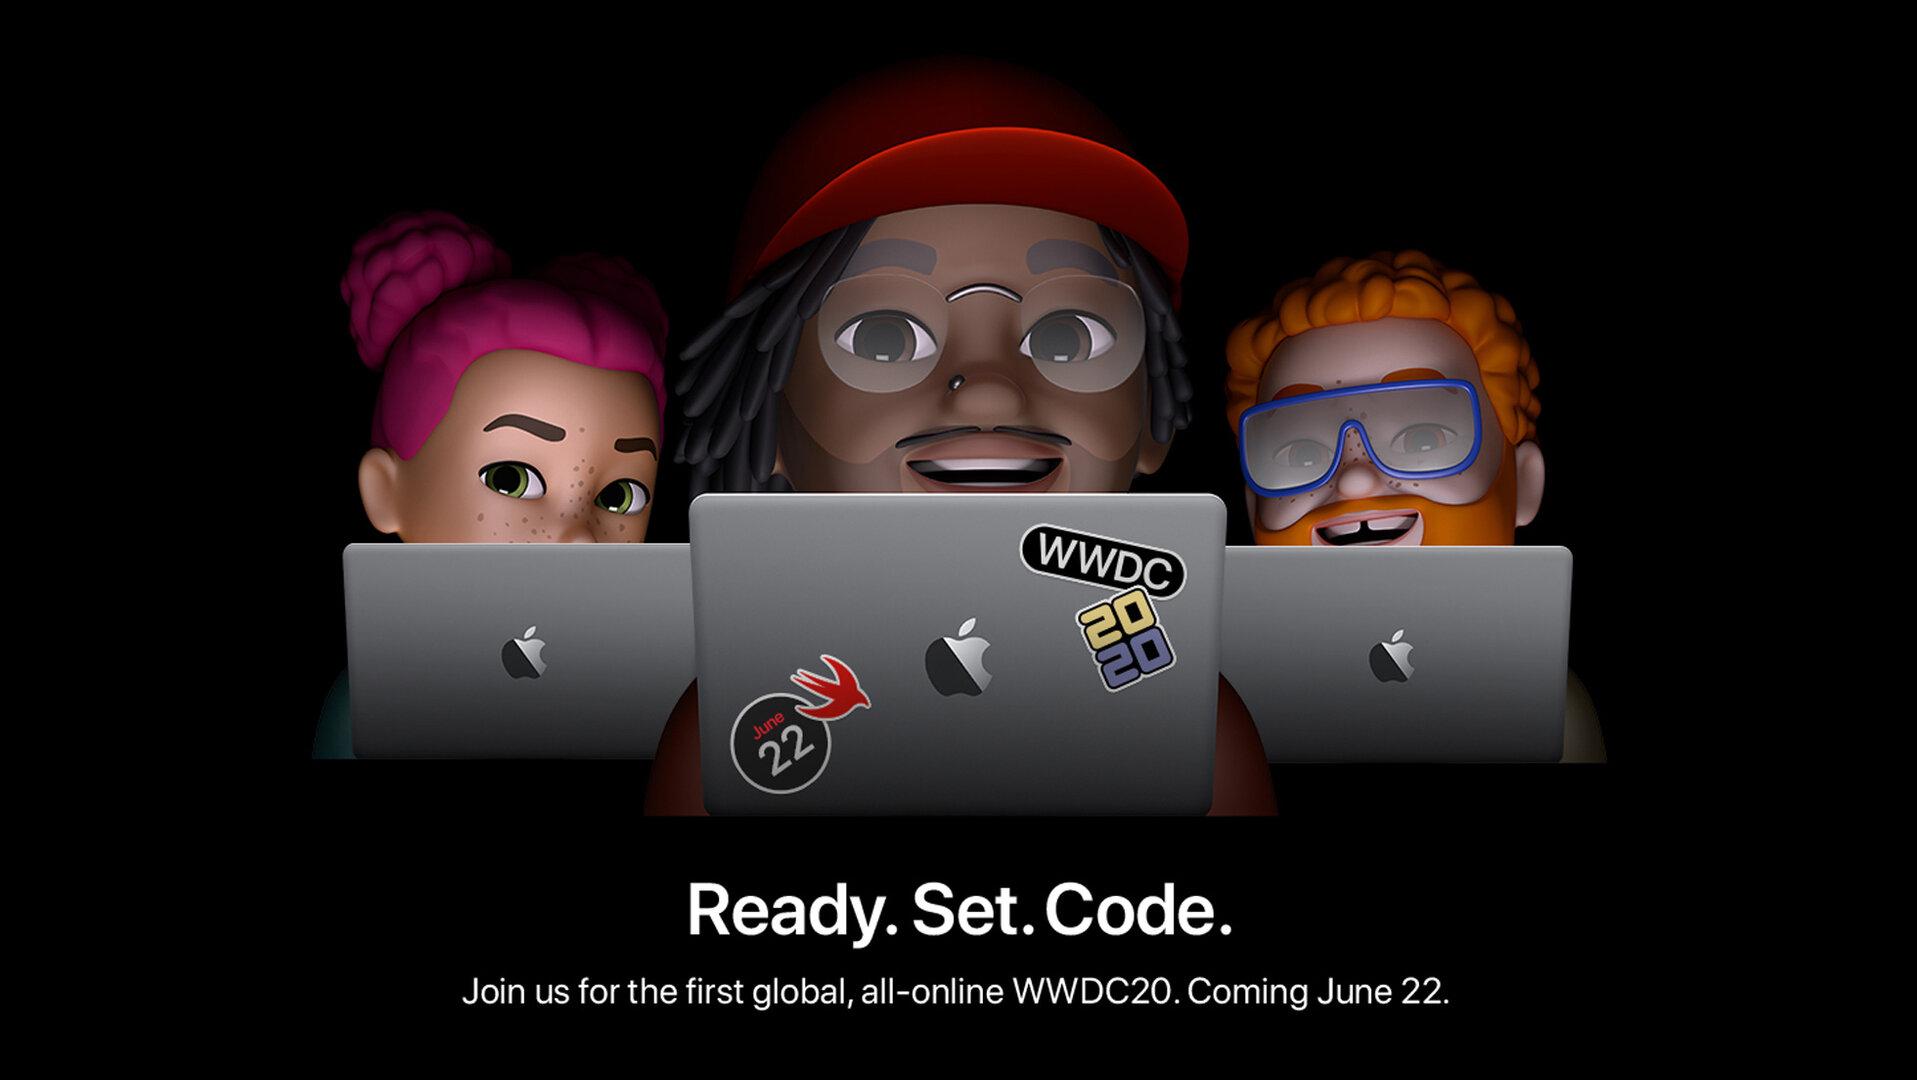 Die WWDC 2020 startet am 22. Juni